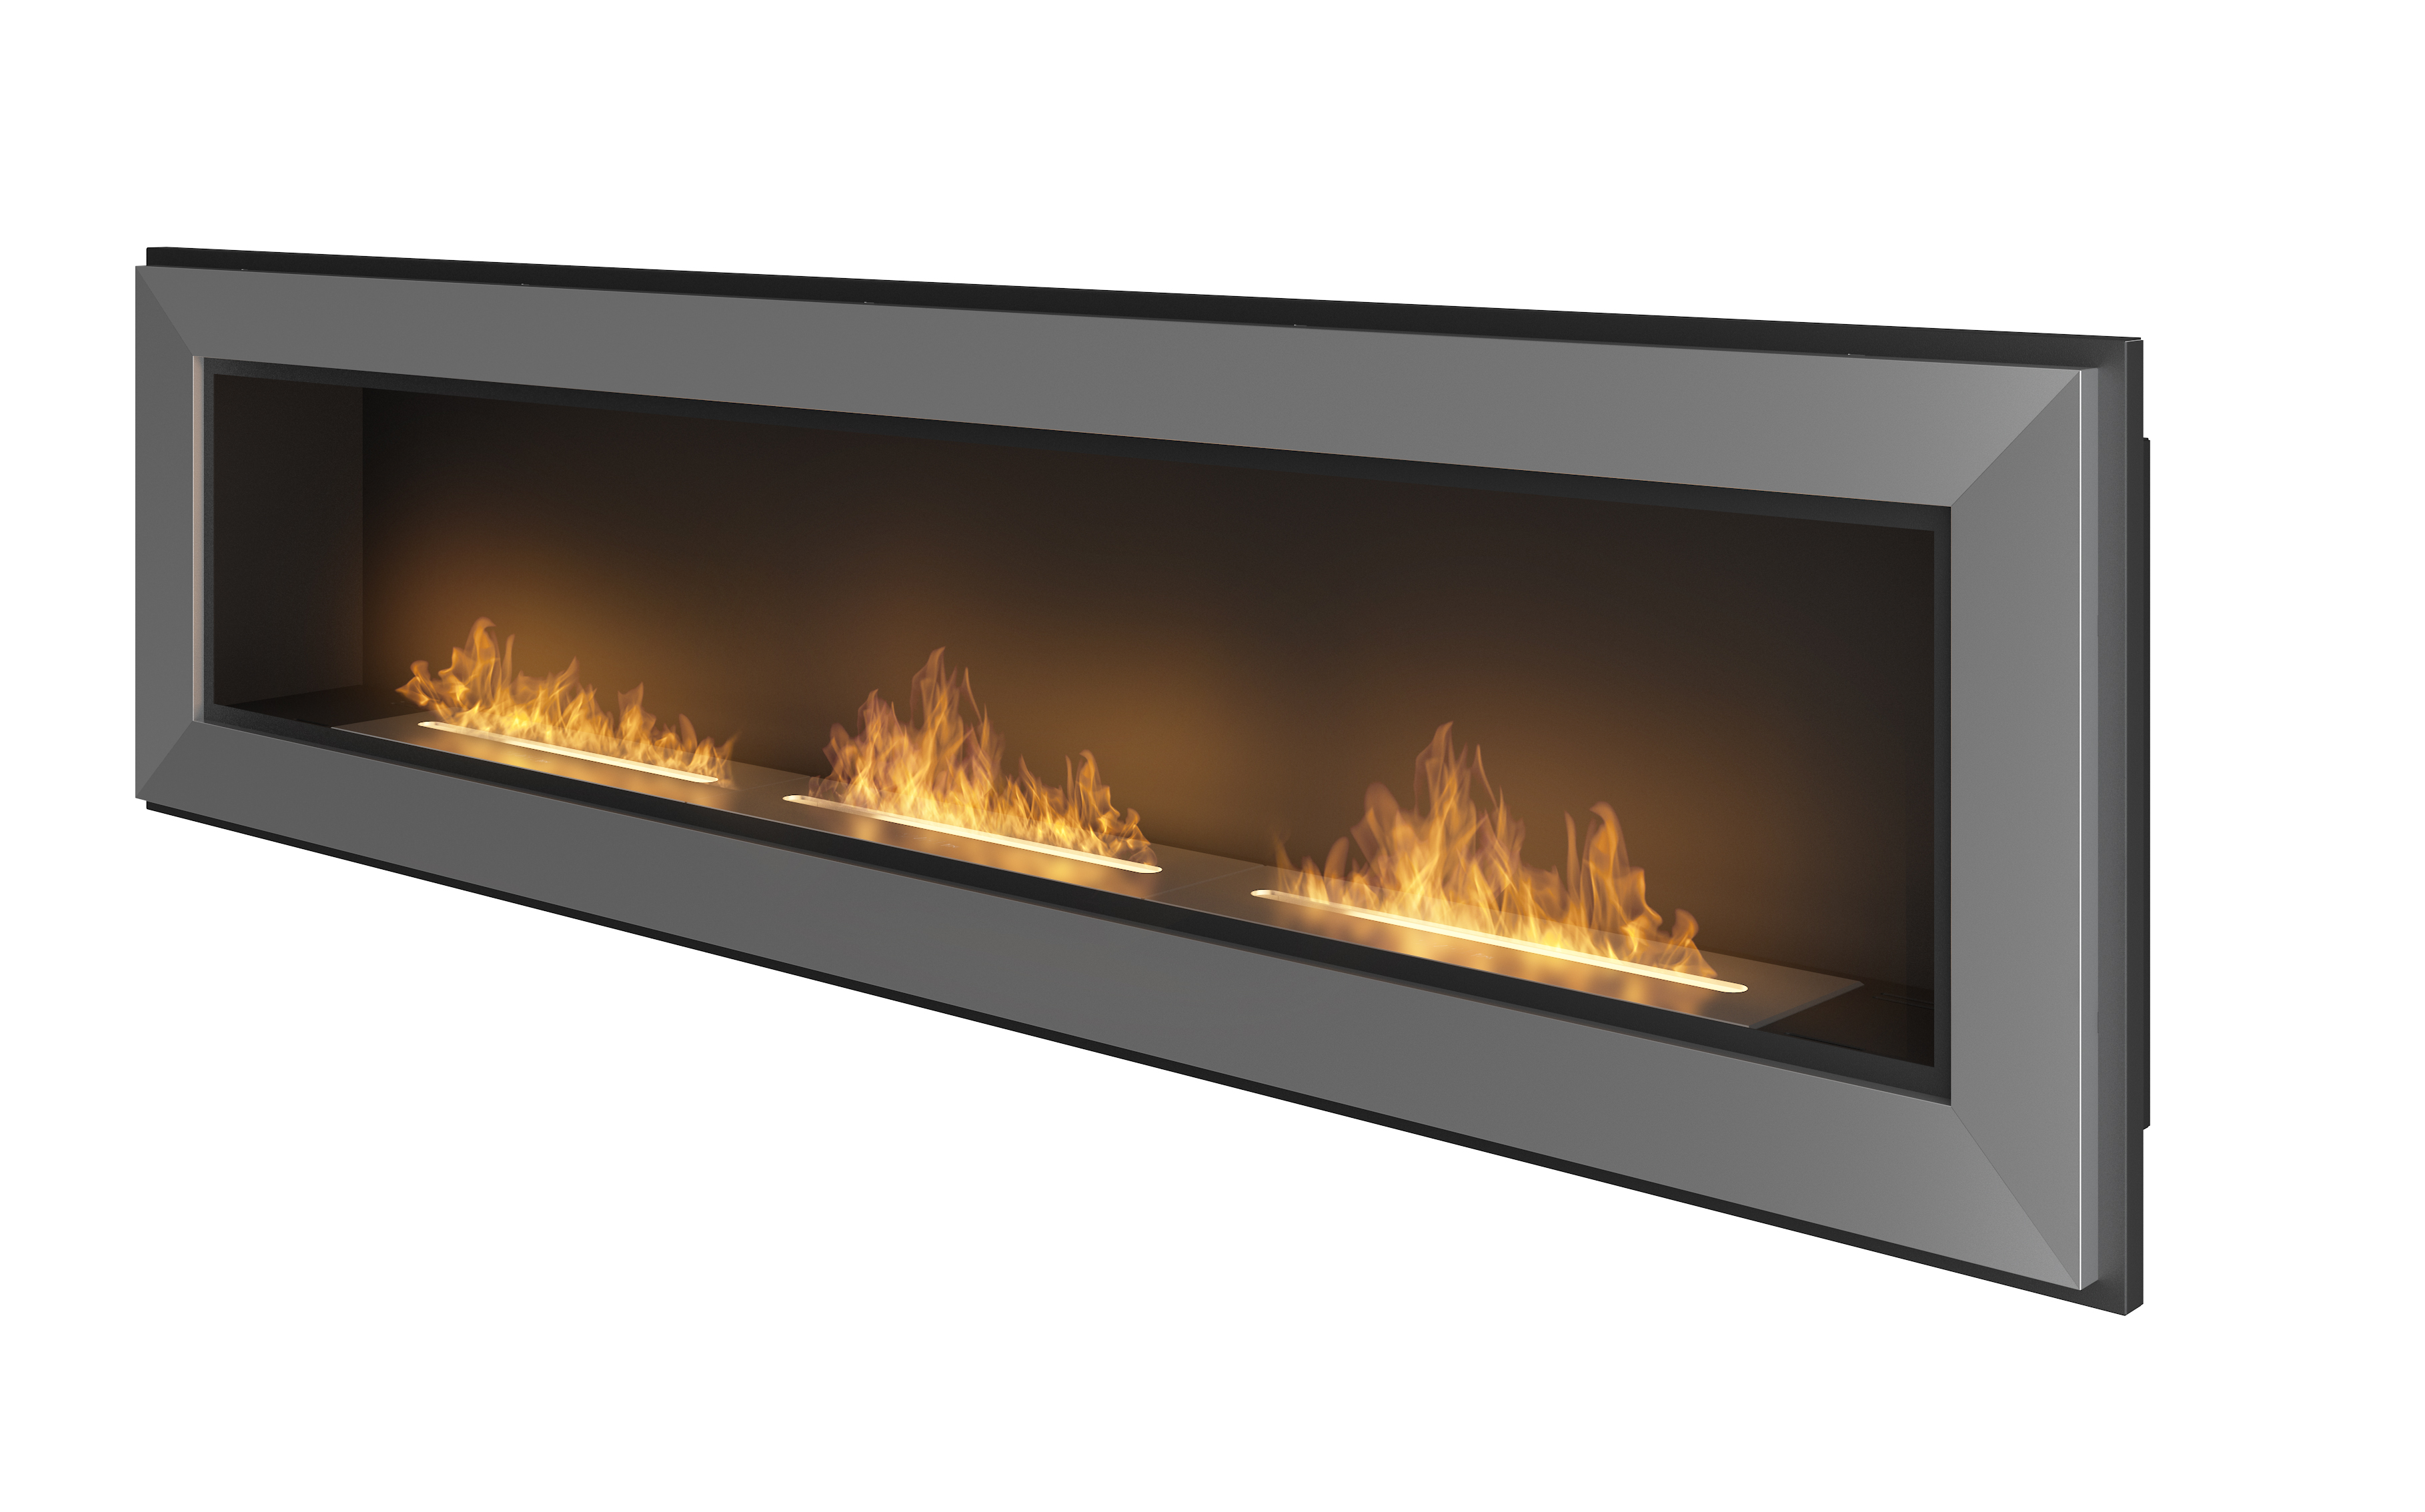 Ethanol fireplace Simple Fire Frame 1800 • Artflame.com